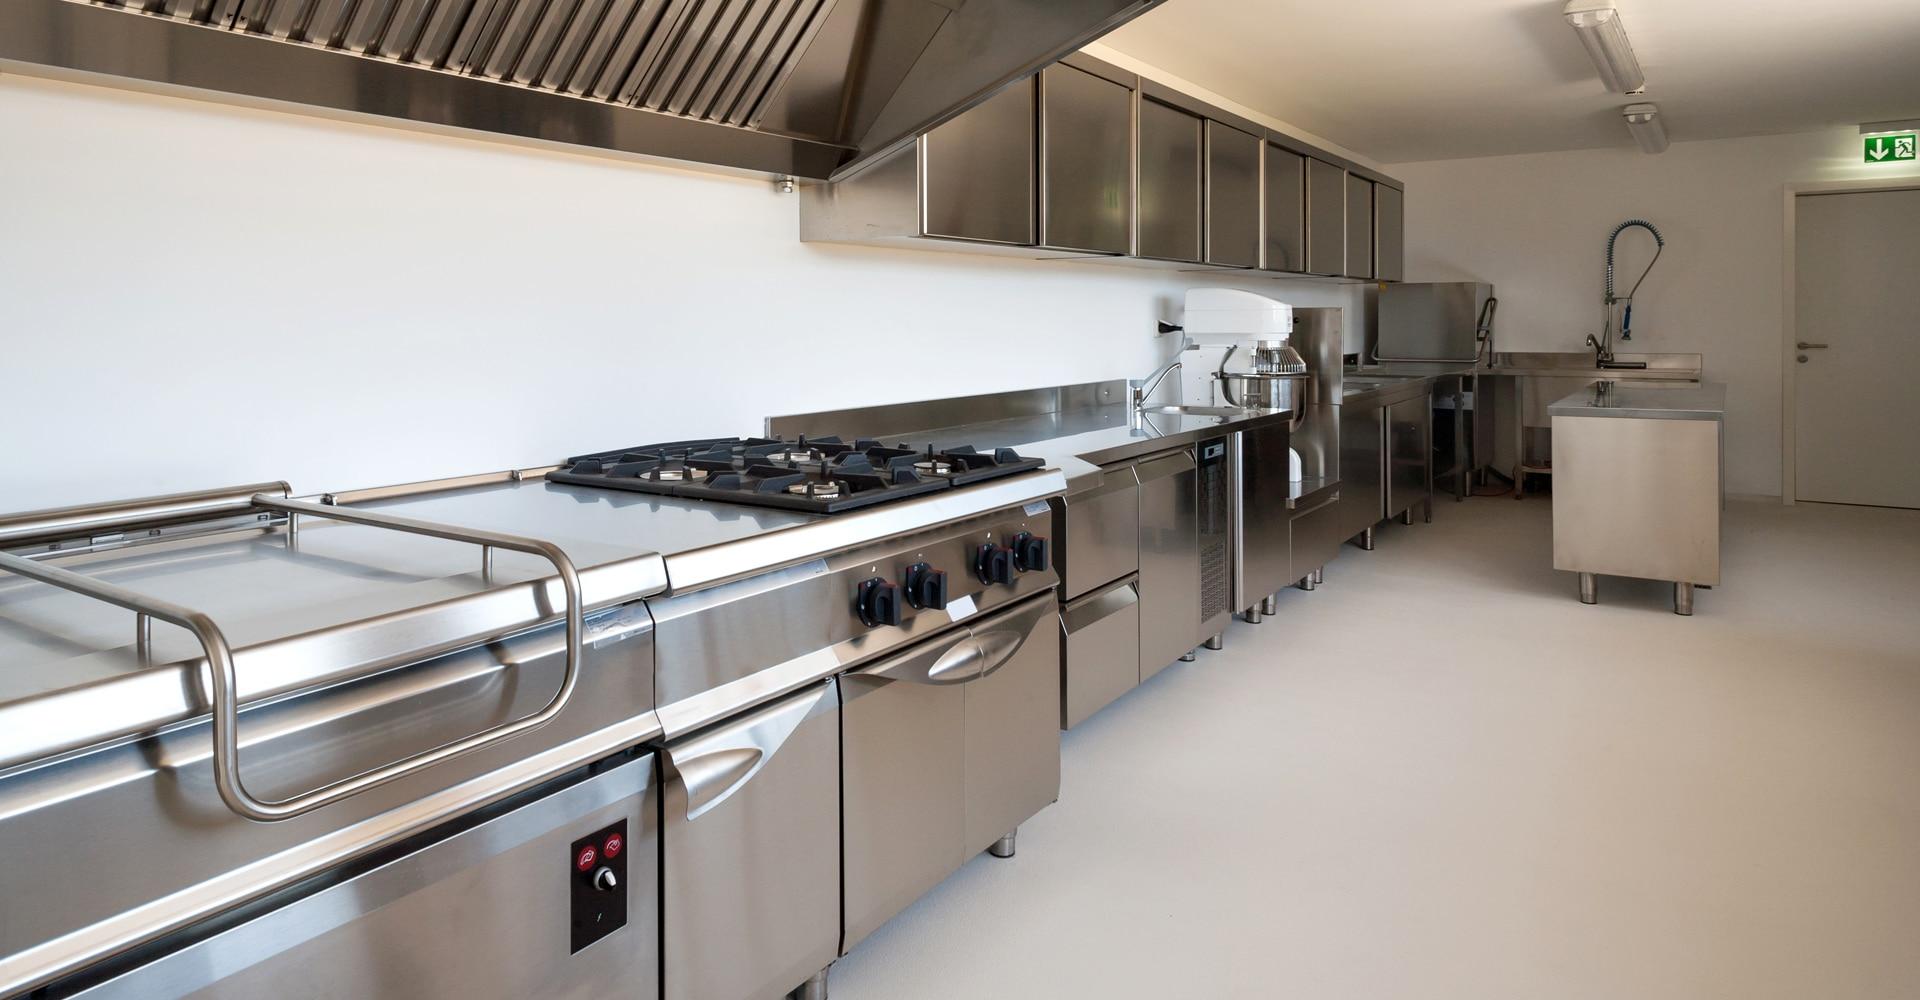 Bakkerijvloer keuken